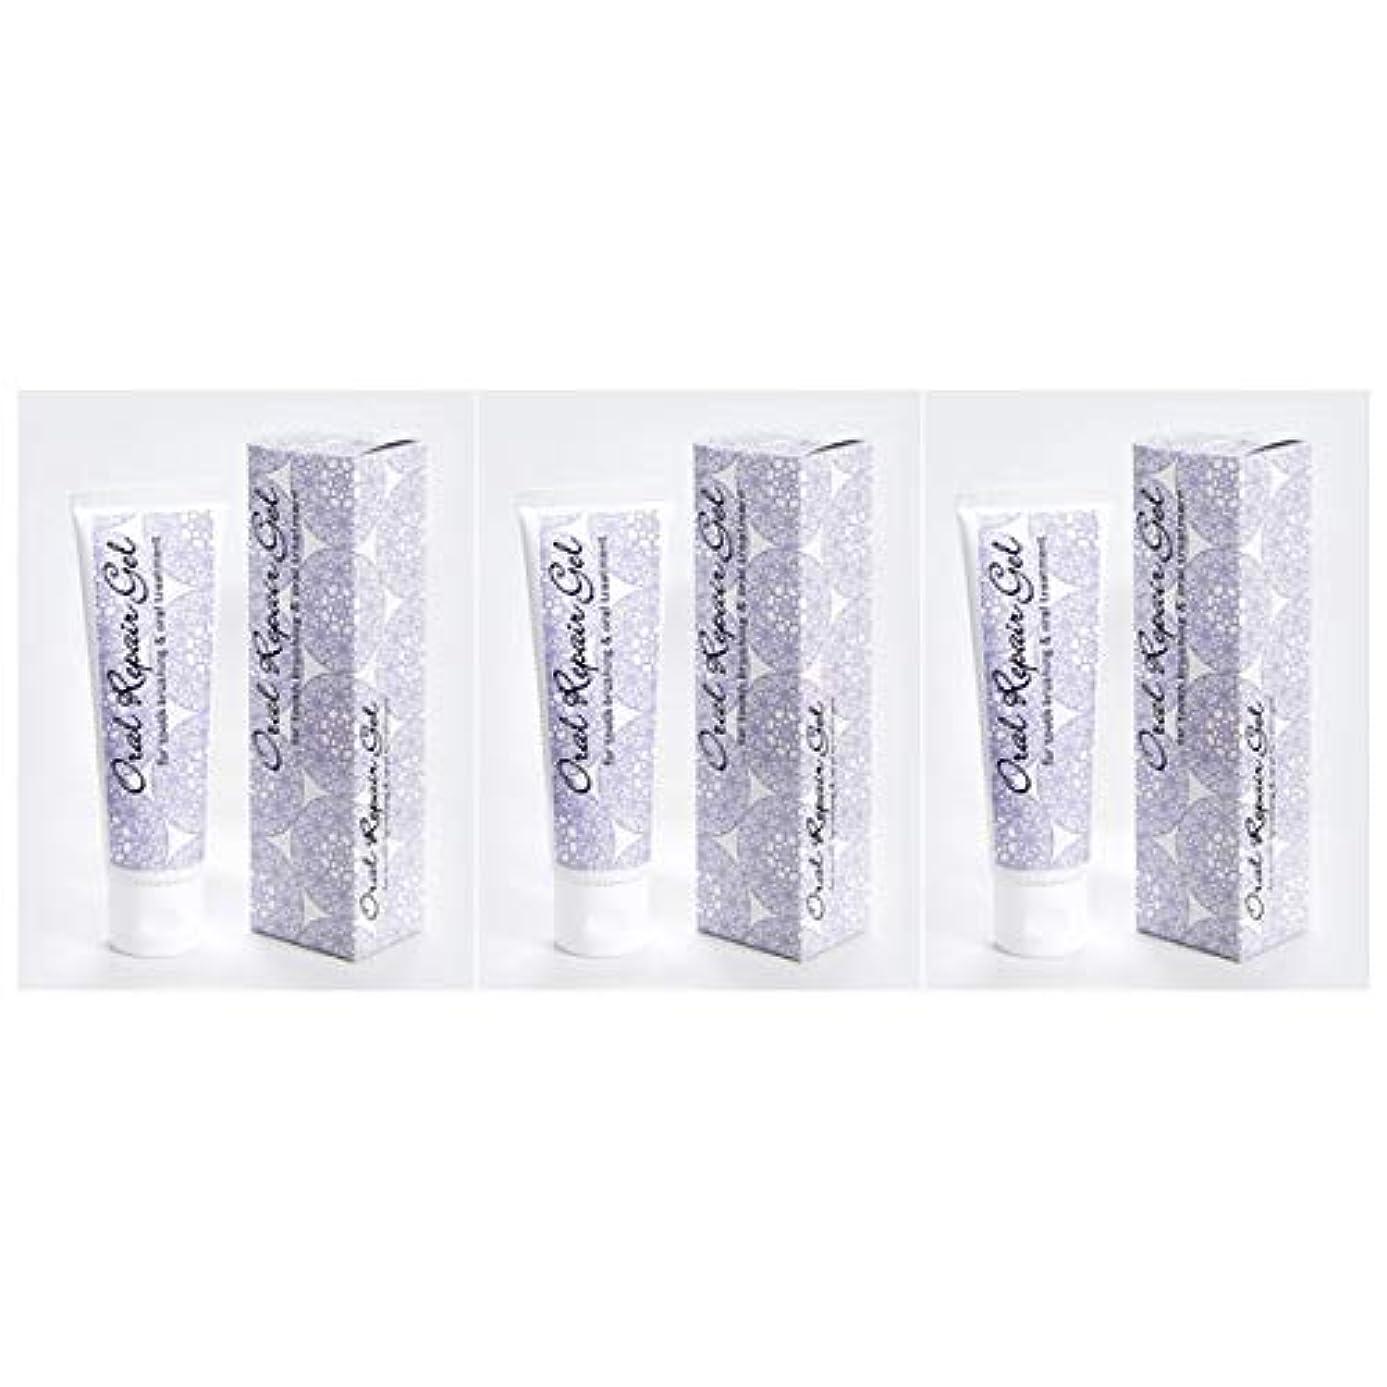 郵便局マトン追跡オーラルリペアジェル3個セット(80g×3個) 天然アパタイト+乳酸菌生産物質配合の無添加歯磨き剤